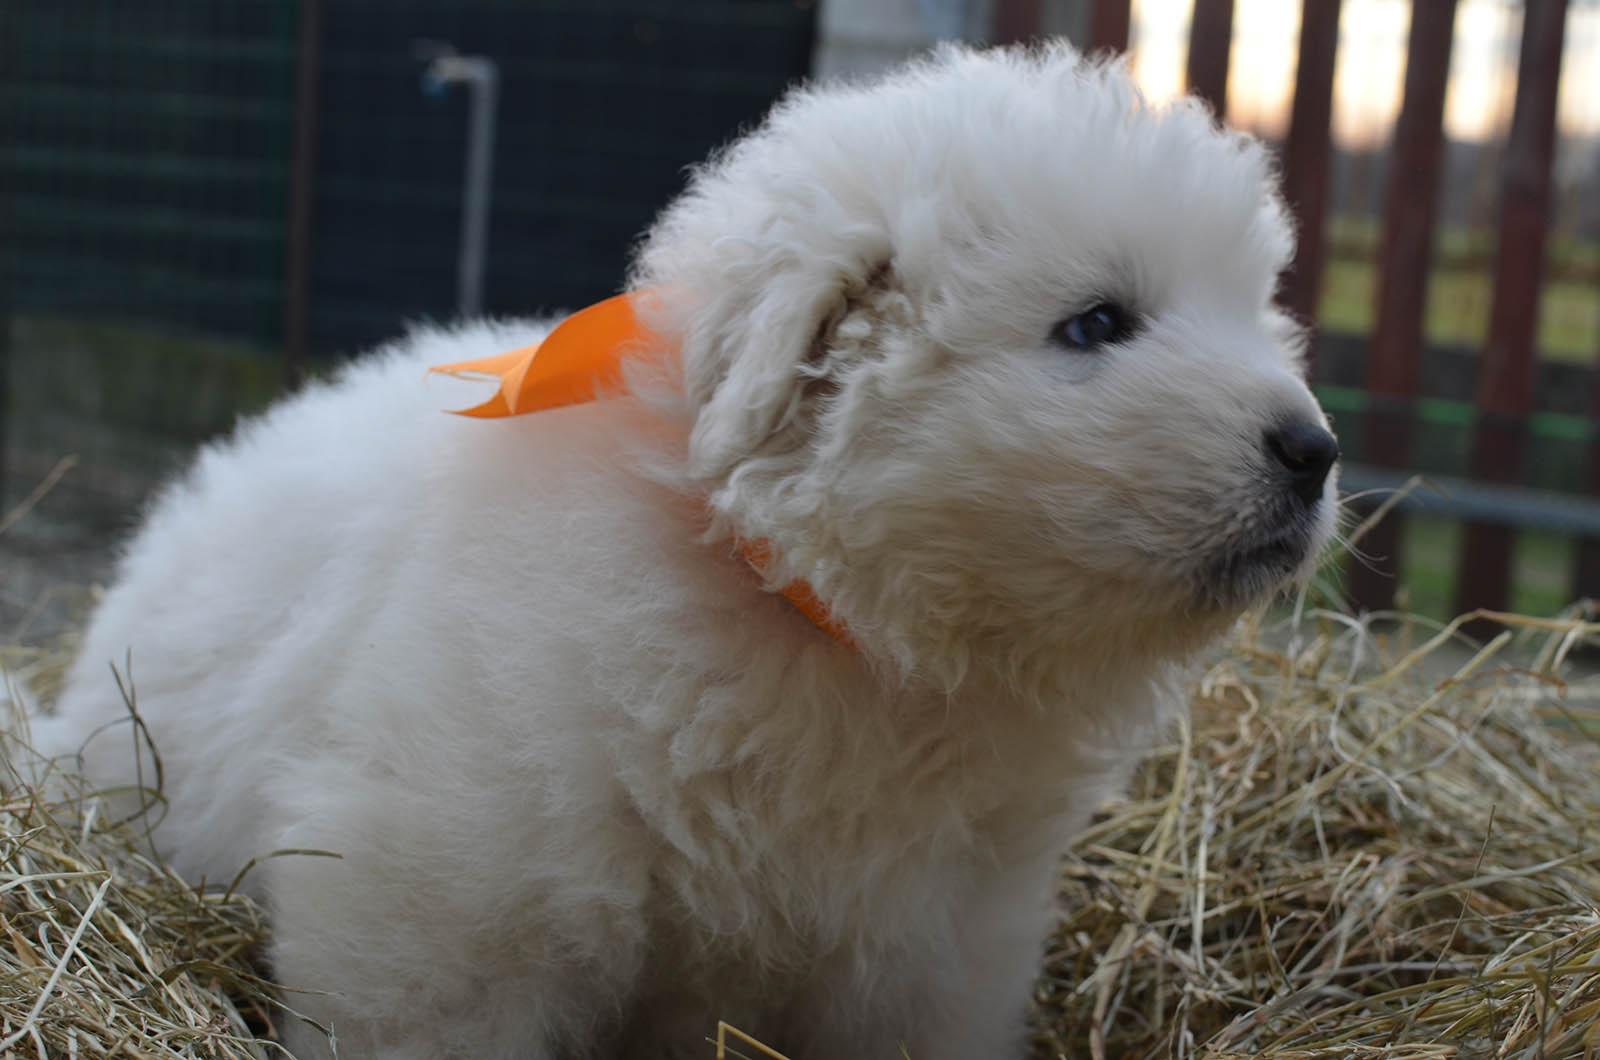 un cucciolo di pastore maremmano con un nastro arancione al collo